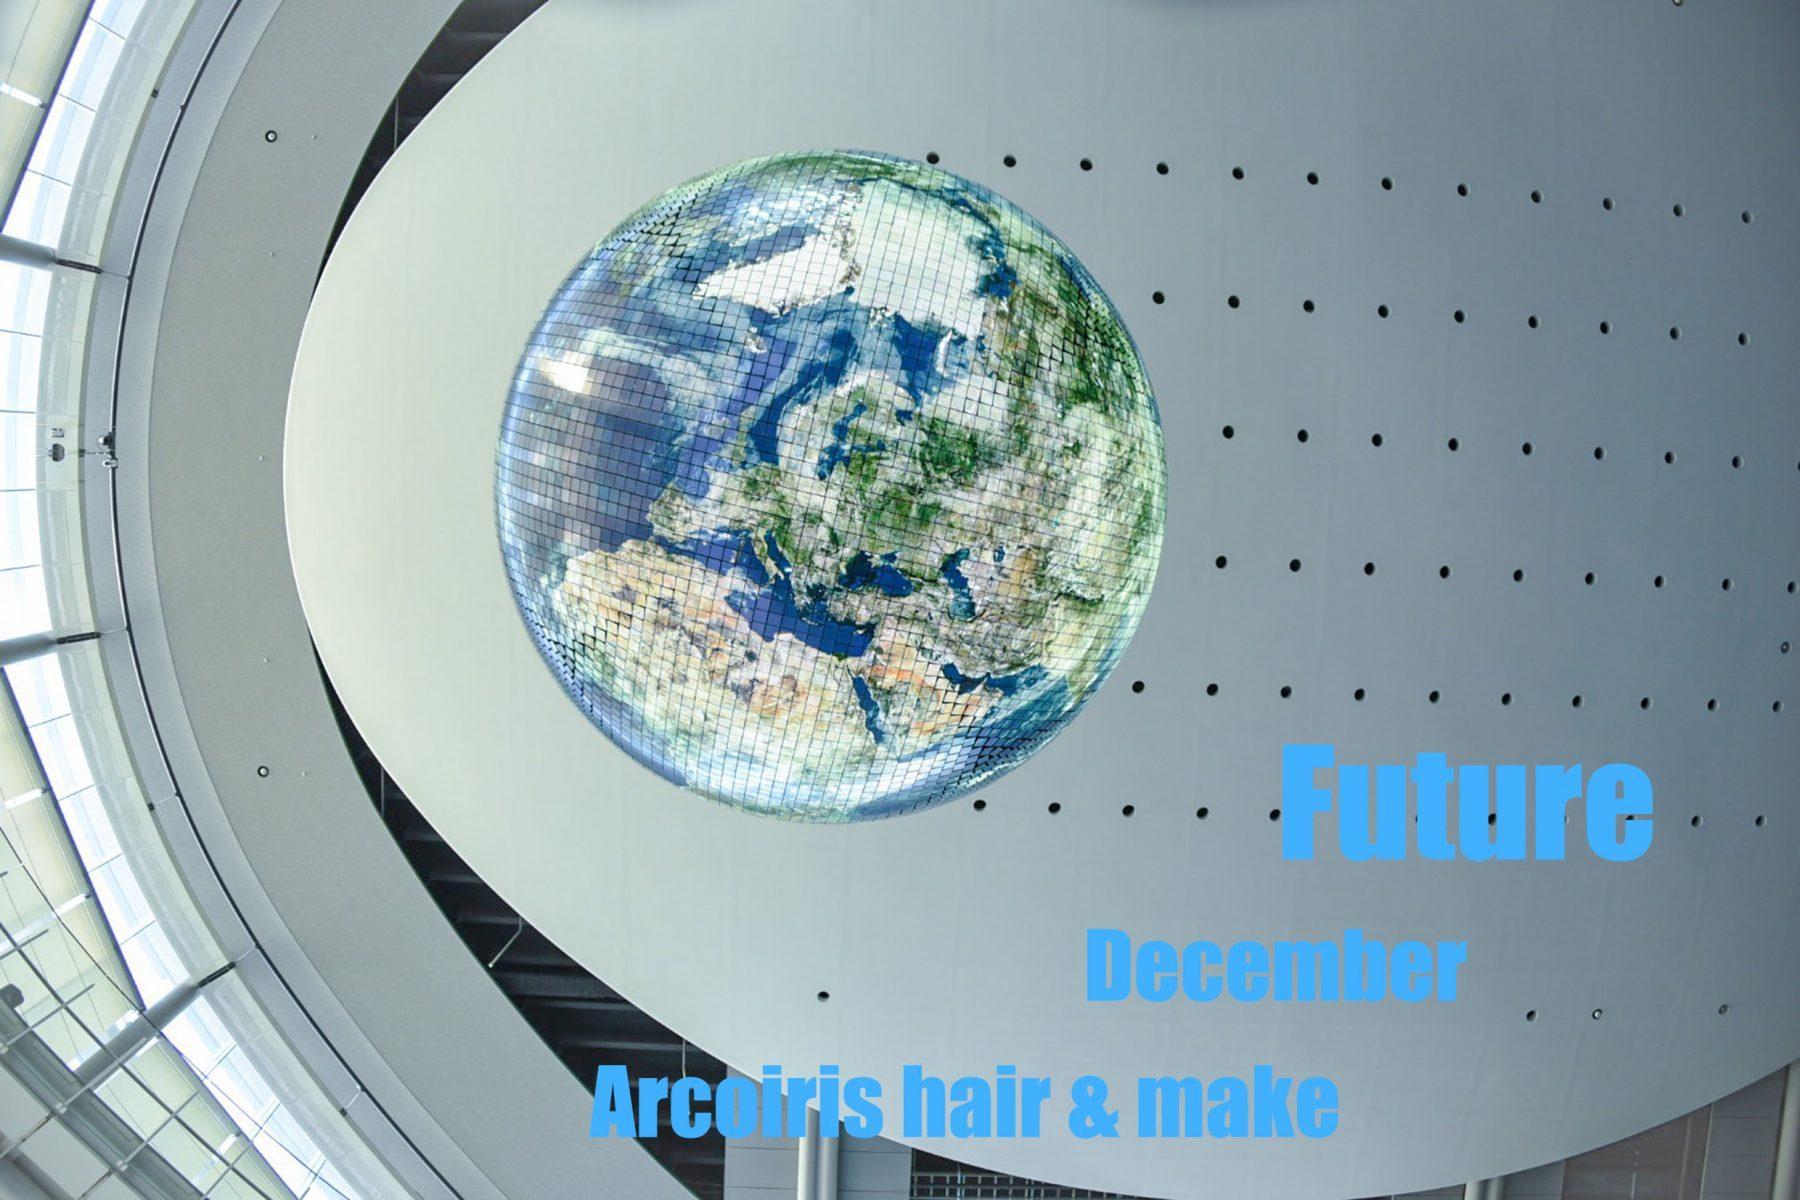 恵比寿 美容室 | 恵比寿 美容院 | Arcoiris(アルコイリス) 12月カレンダー